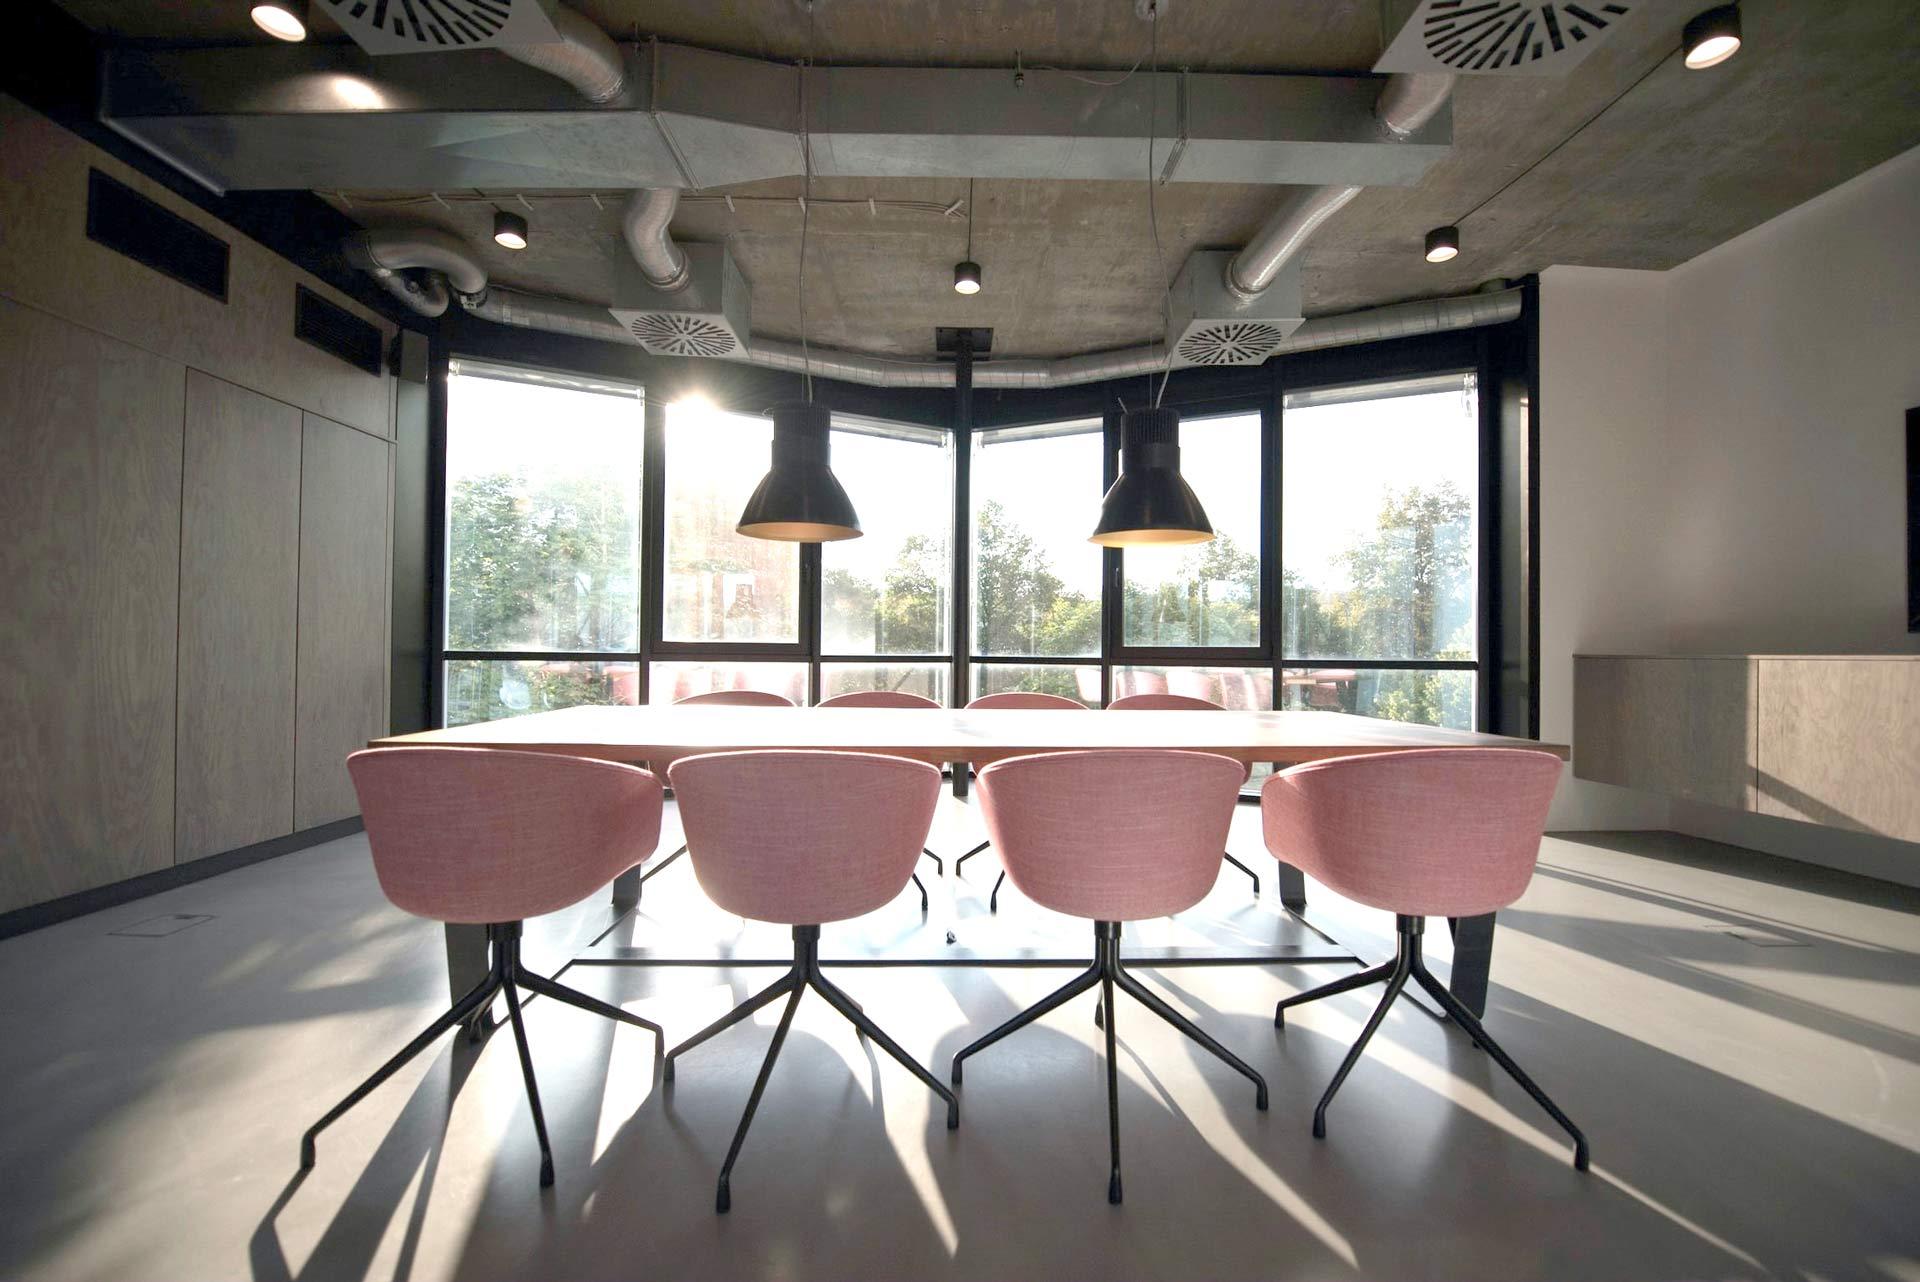 Tendances 2020 : Salle de réunion design